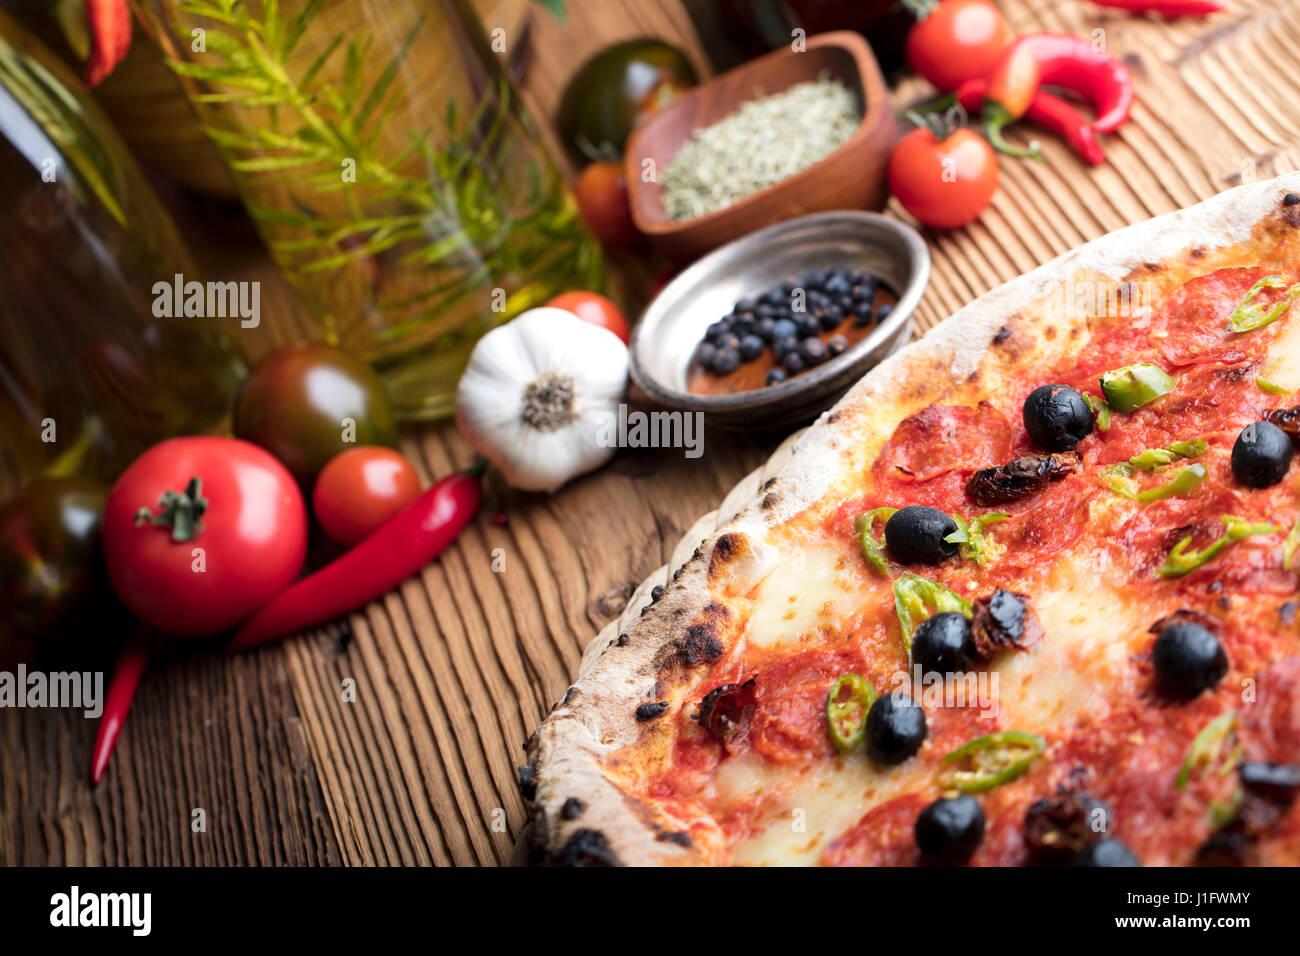 Il cibo italiano concetto, rosmarino olio d'oliva, cibo sano Immagini Stock